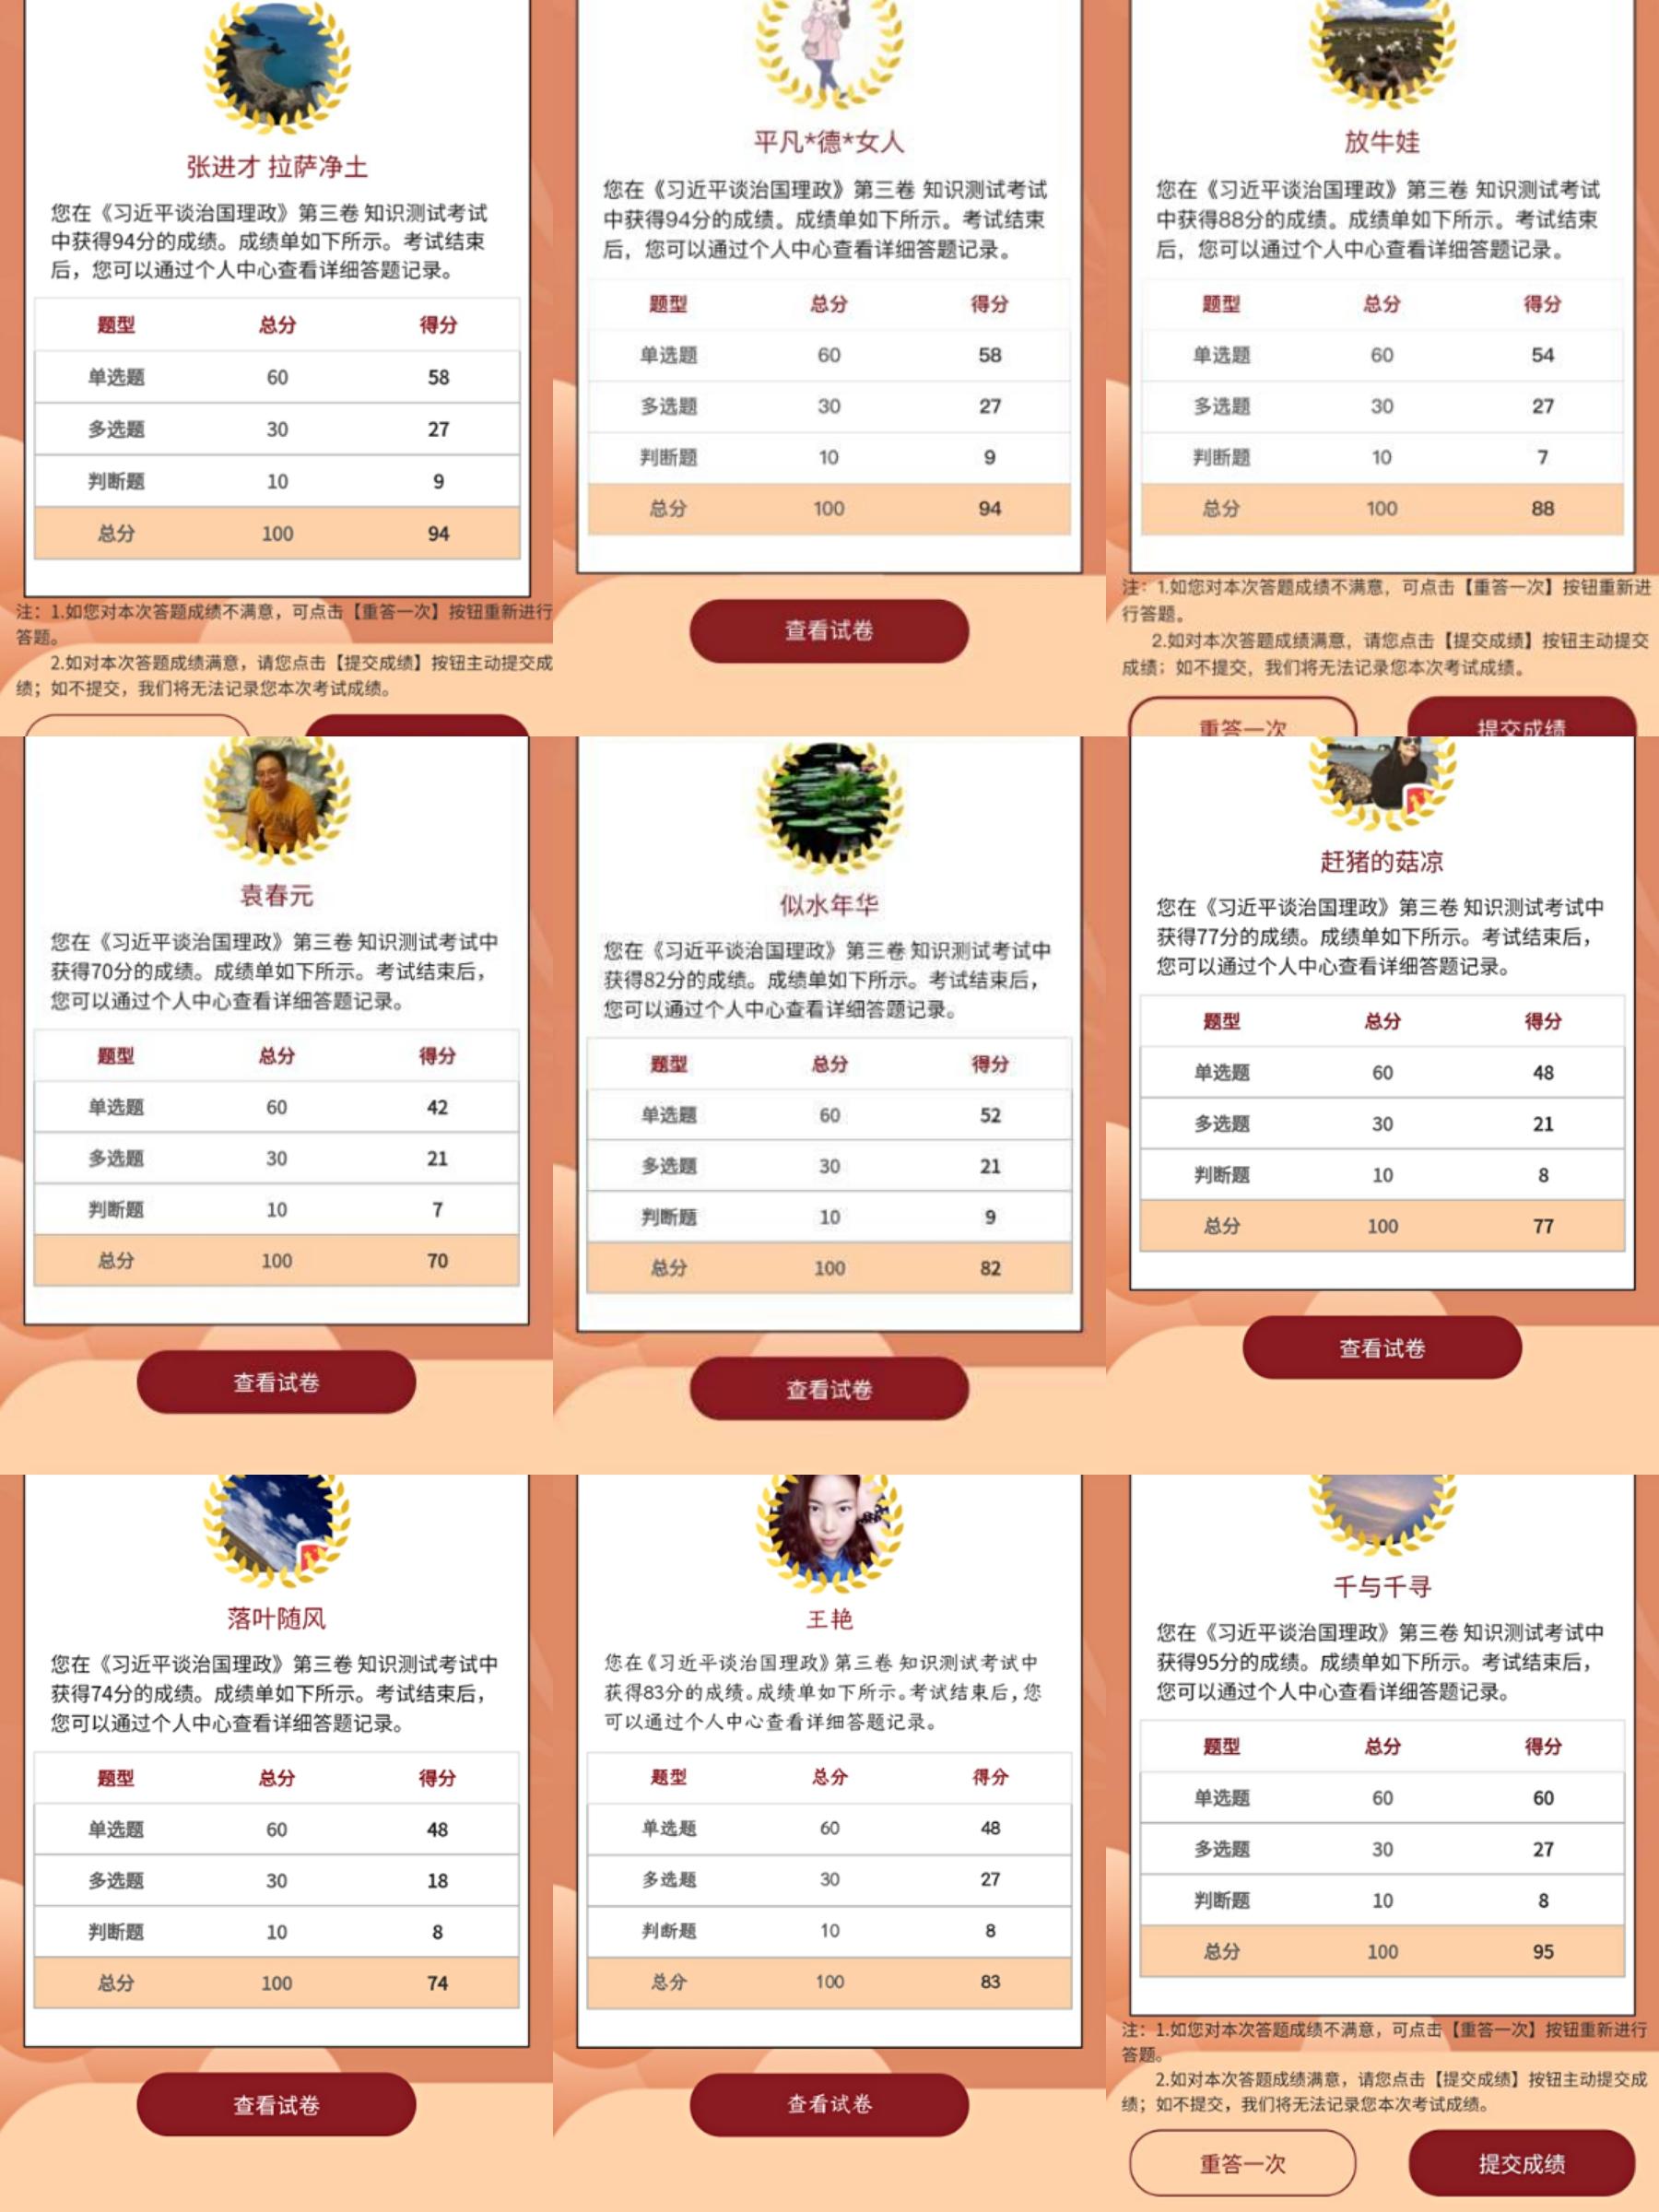 拉萨市竞技宝app苹果官方下载集团组织开展《习近平谈治国理政》第三卷线上答题活动